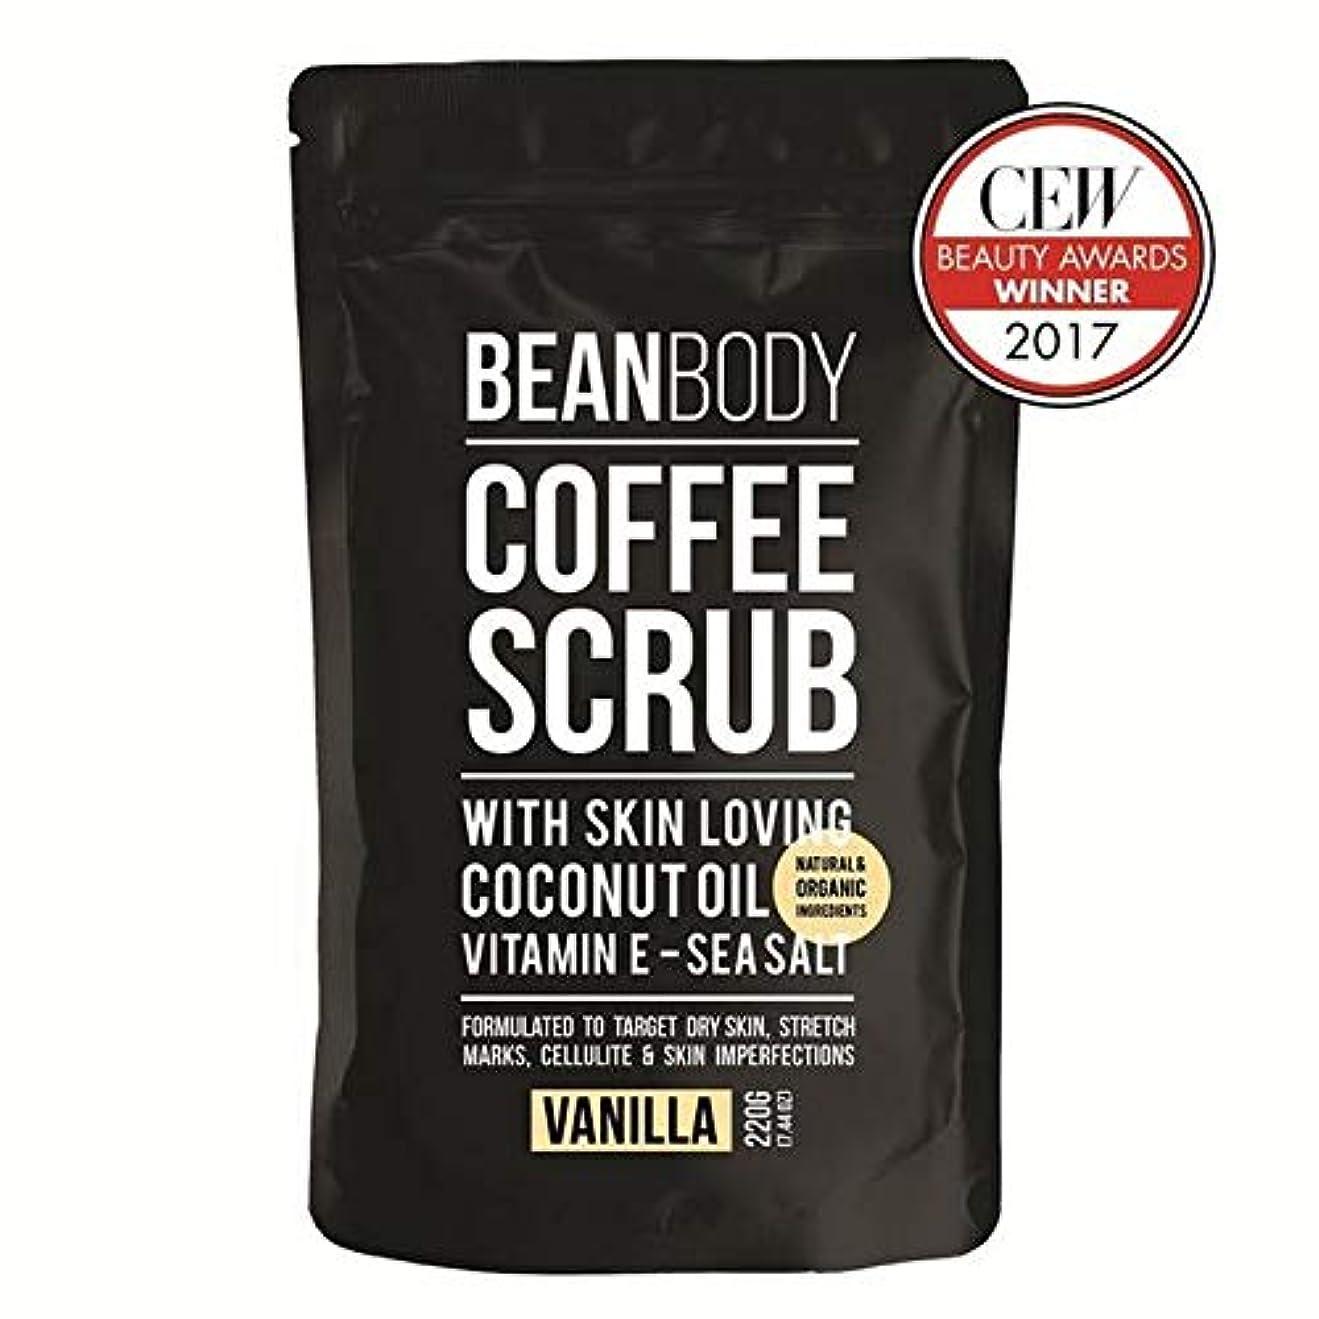 酔った芸術ペストリー[Bean Body ] 豆のボディスクラブコーヒー、バニラ220グラム - Bean Body Coffee Scrub, Vanilla 220g [並行輸入品]